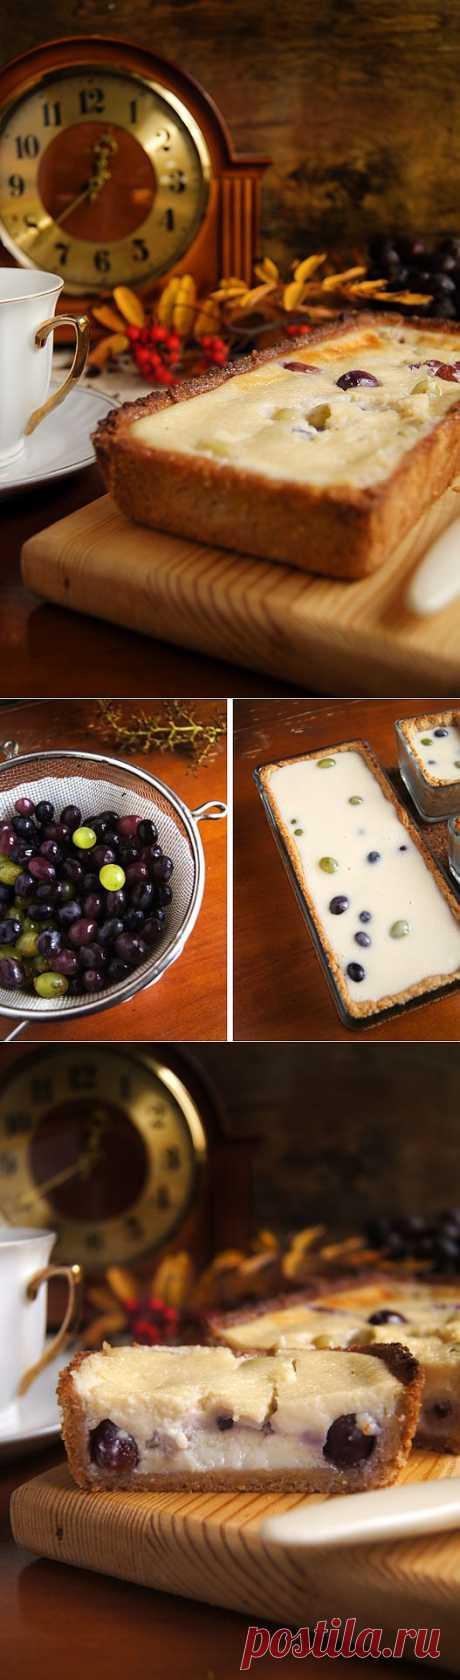 Заметки на кухонных занавесках - Пирог с виноградом